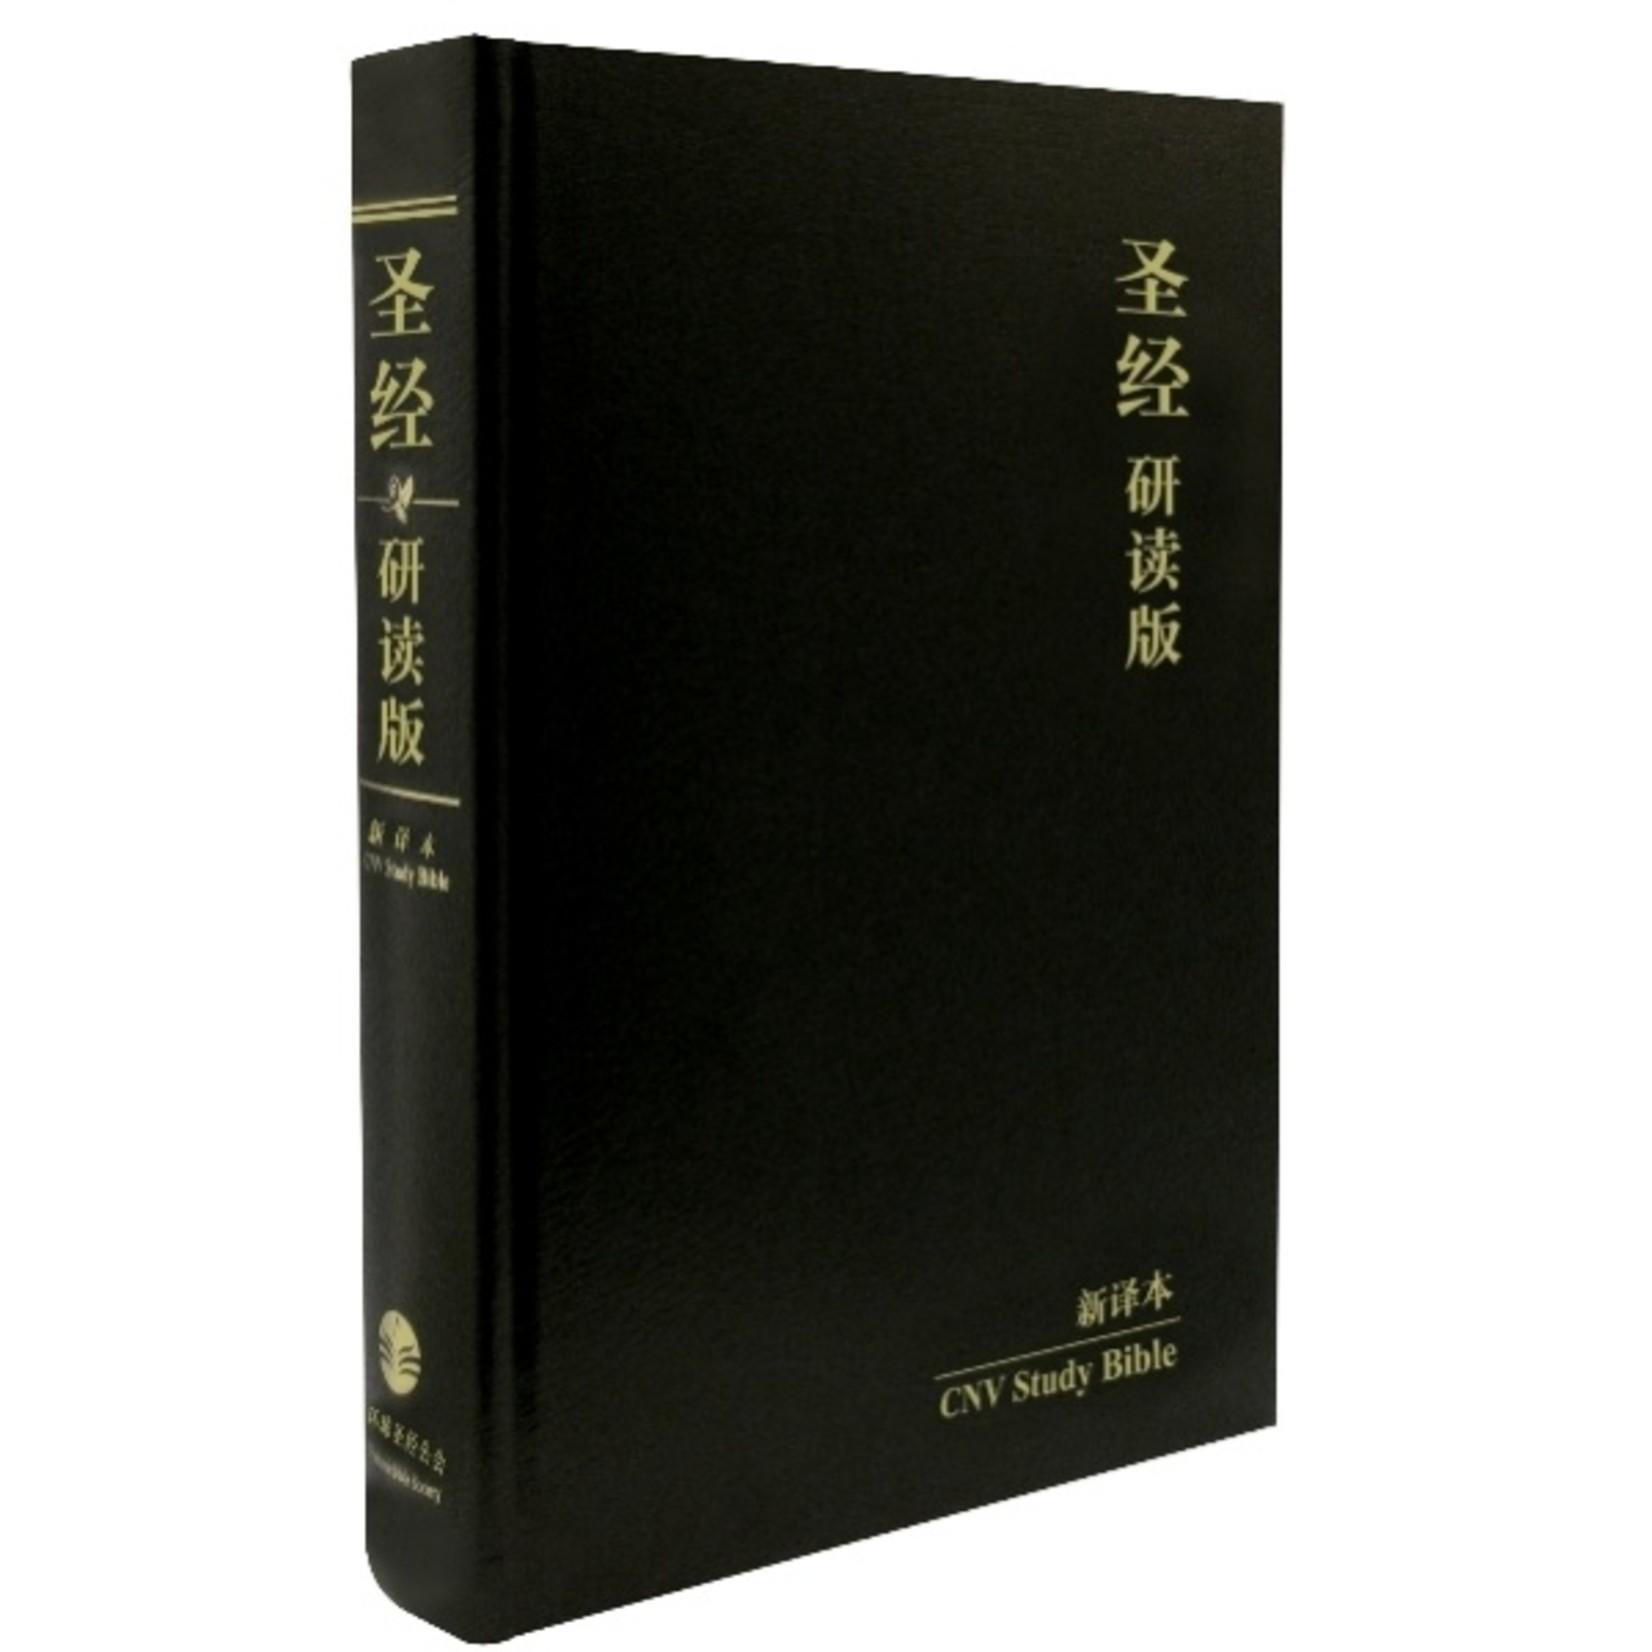 環球聖經公會 The Worldwide Bible Society 聖經研讀版:新譯本.加大裝.黑色精裝白邊.簡體 CNV Study Bible, Large Size, Simp., Black Hardback Cover, White Edge